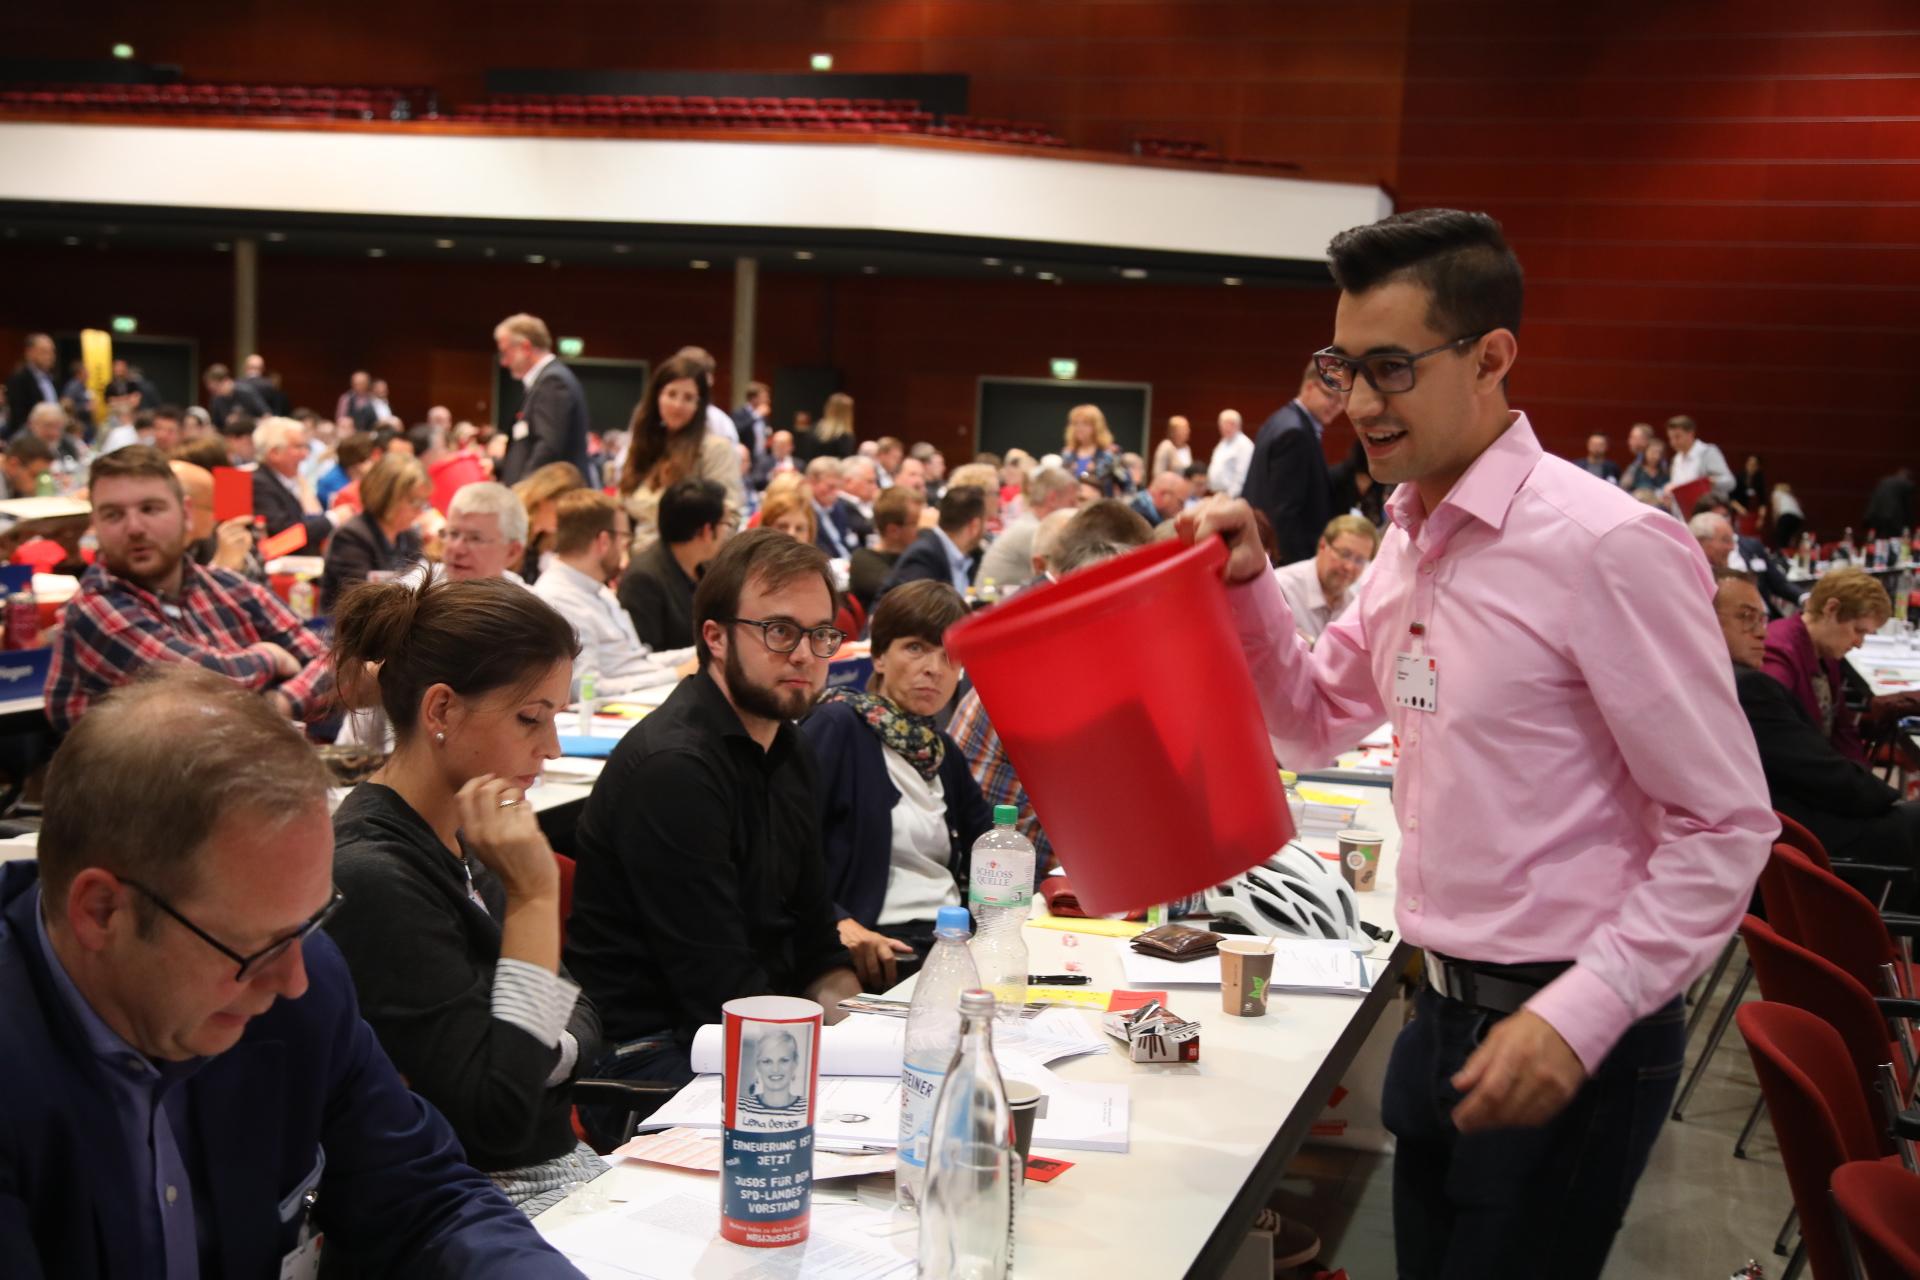 Delegierte bei der Wahlzettelabgabe